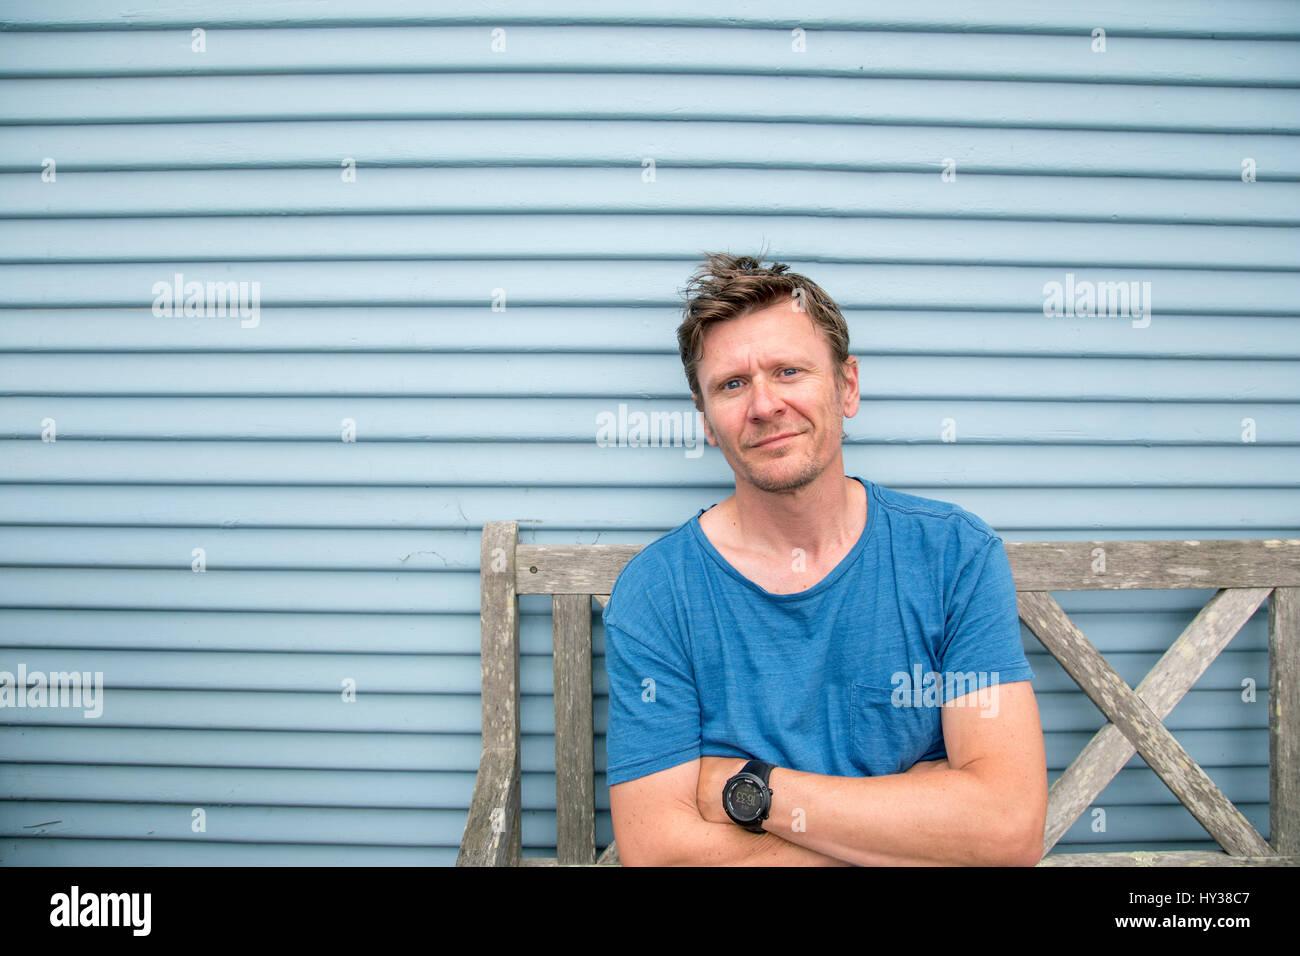 Usa, Kalifornien, Pacific Grove, Mann sitzt auf alten Holzbank Stockbild